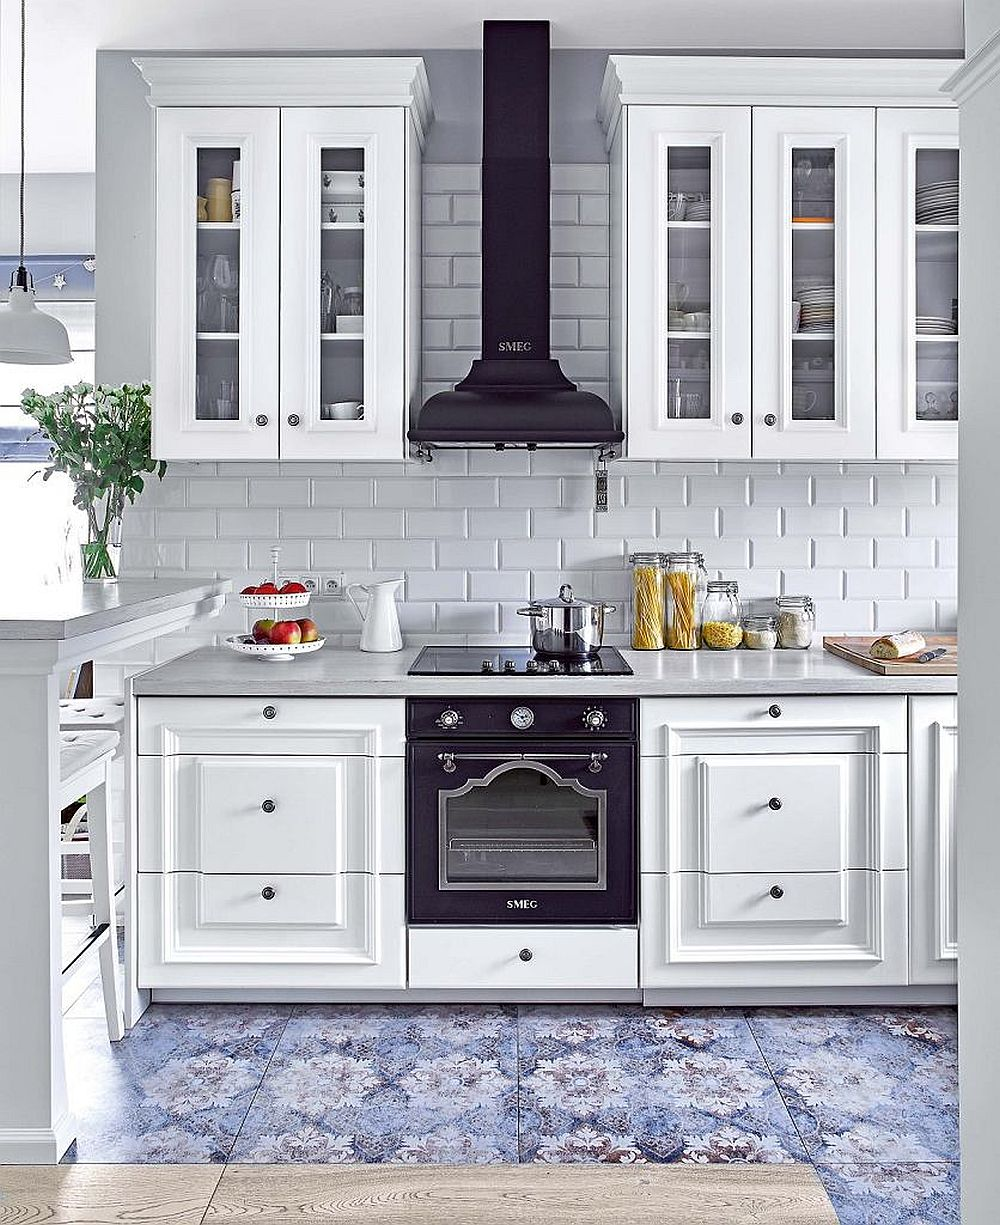 Bucătăria are aerul provensal pe care și-l dorea proprietara prin designul mobilierului, nu neapărat prin culoarea lui. Fronturile cu frezări, mânerele alese au impus și alegerea unor electrocasnice cu design clasic. Designerul a propus ca acestea să fie negre pentru a da senzația de simetrie într-o bucătărie organizată în formă de U. De asemenea, hota fiind decorativă, peretele a fost placat și în spatele ei. Pe pardoseală, plăcile ceramice de la Villero & Boch dau impresia de covor.